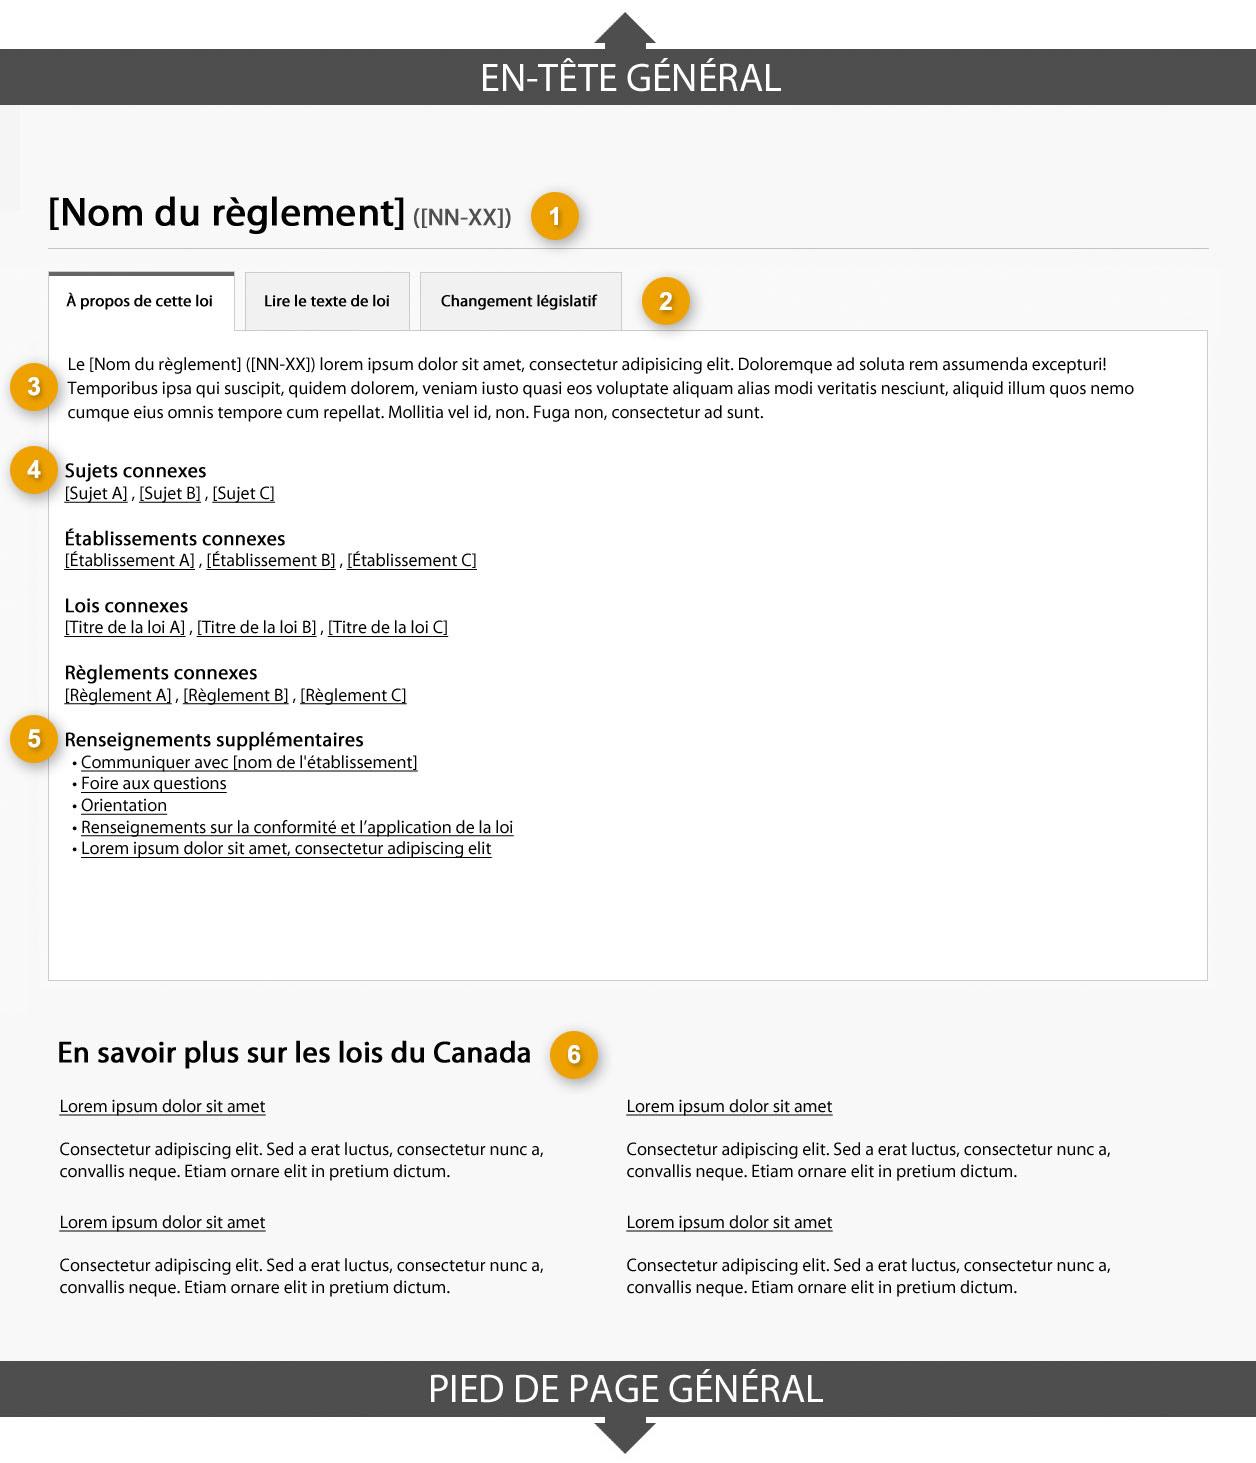 Modèle de page de profil des règlements affichant l'onglet «À propos des lois». Lire de haut en bas et de gauche à droite. Plus de détails au sujet de ce graphique se retrouvent dans le texte entourant l'image.